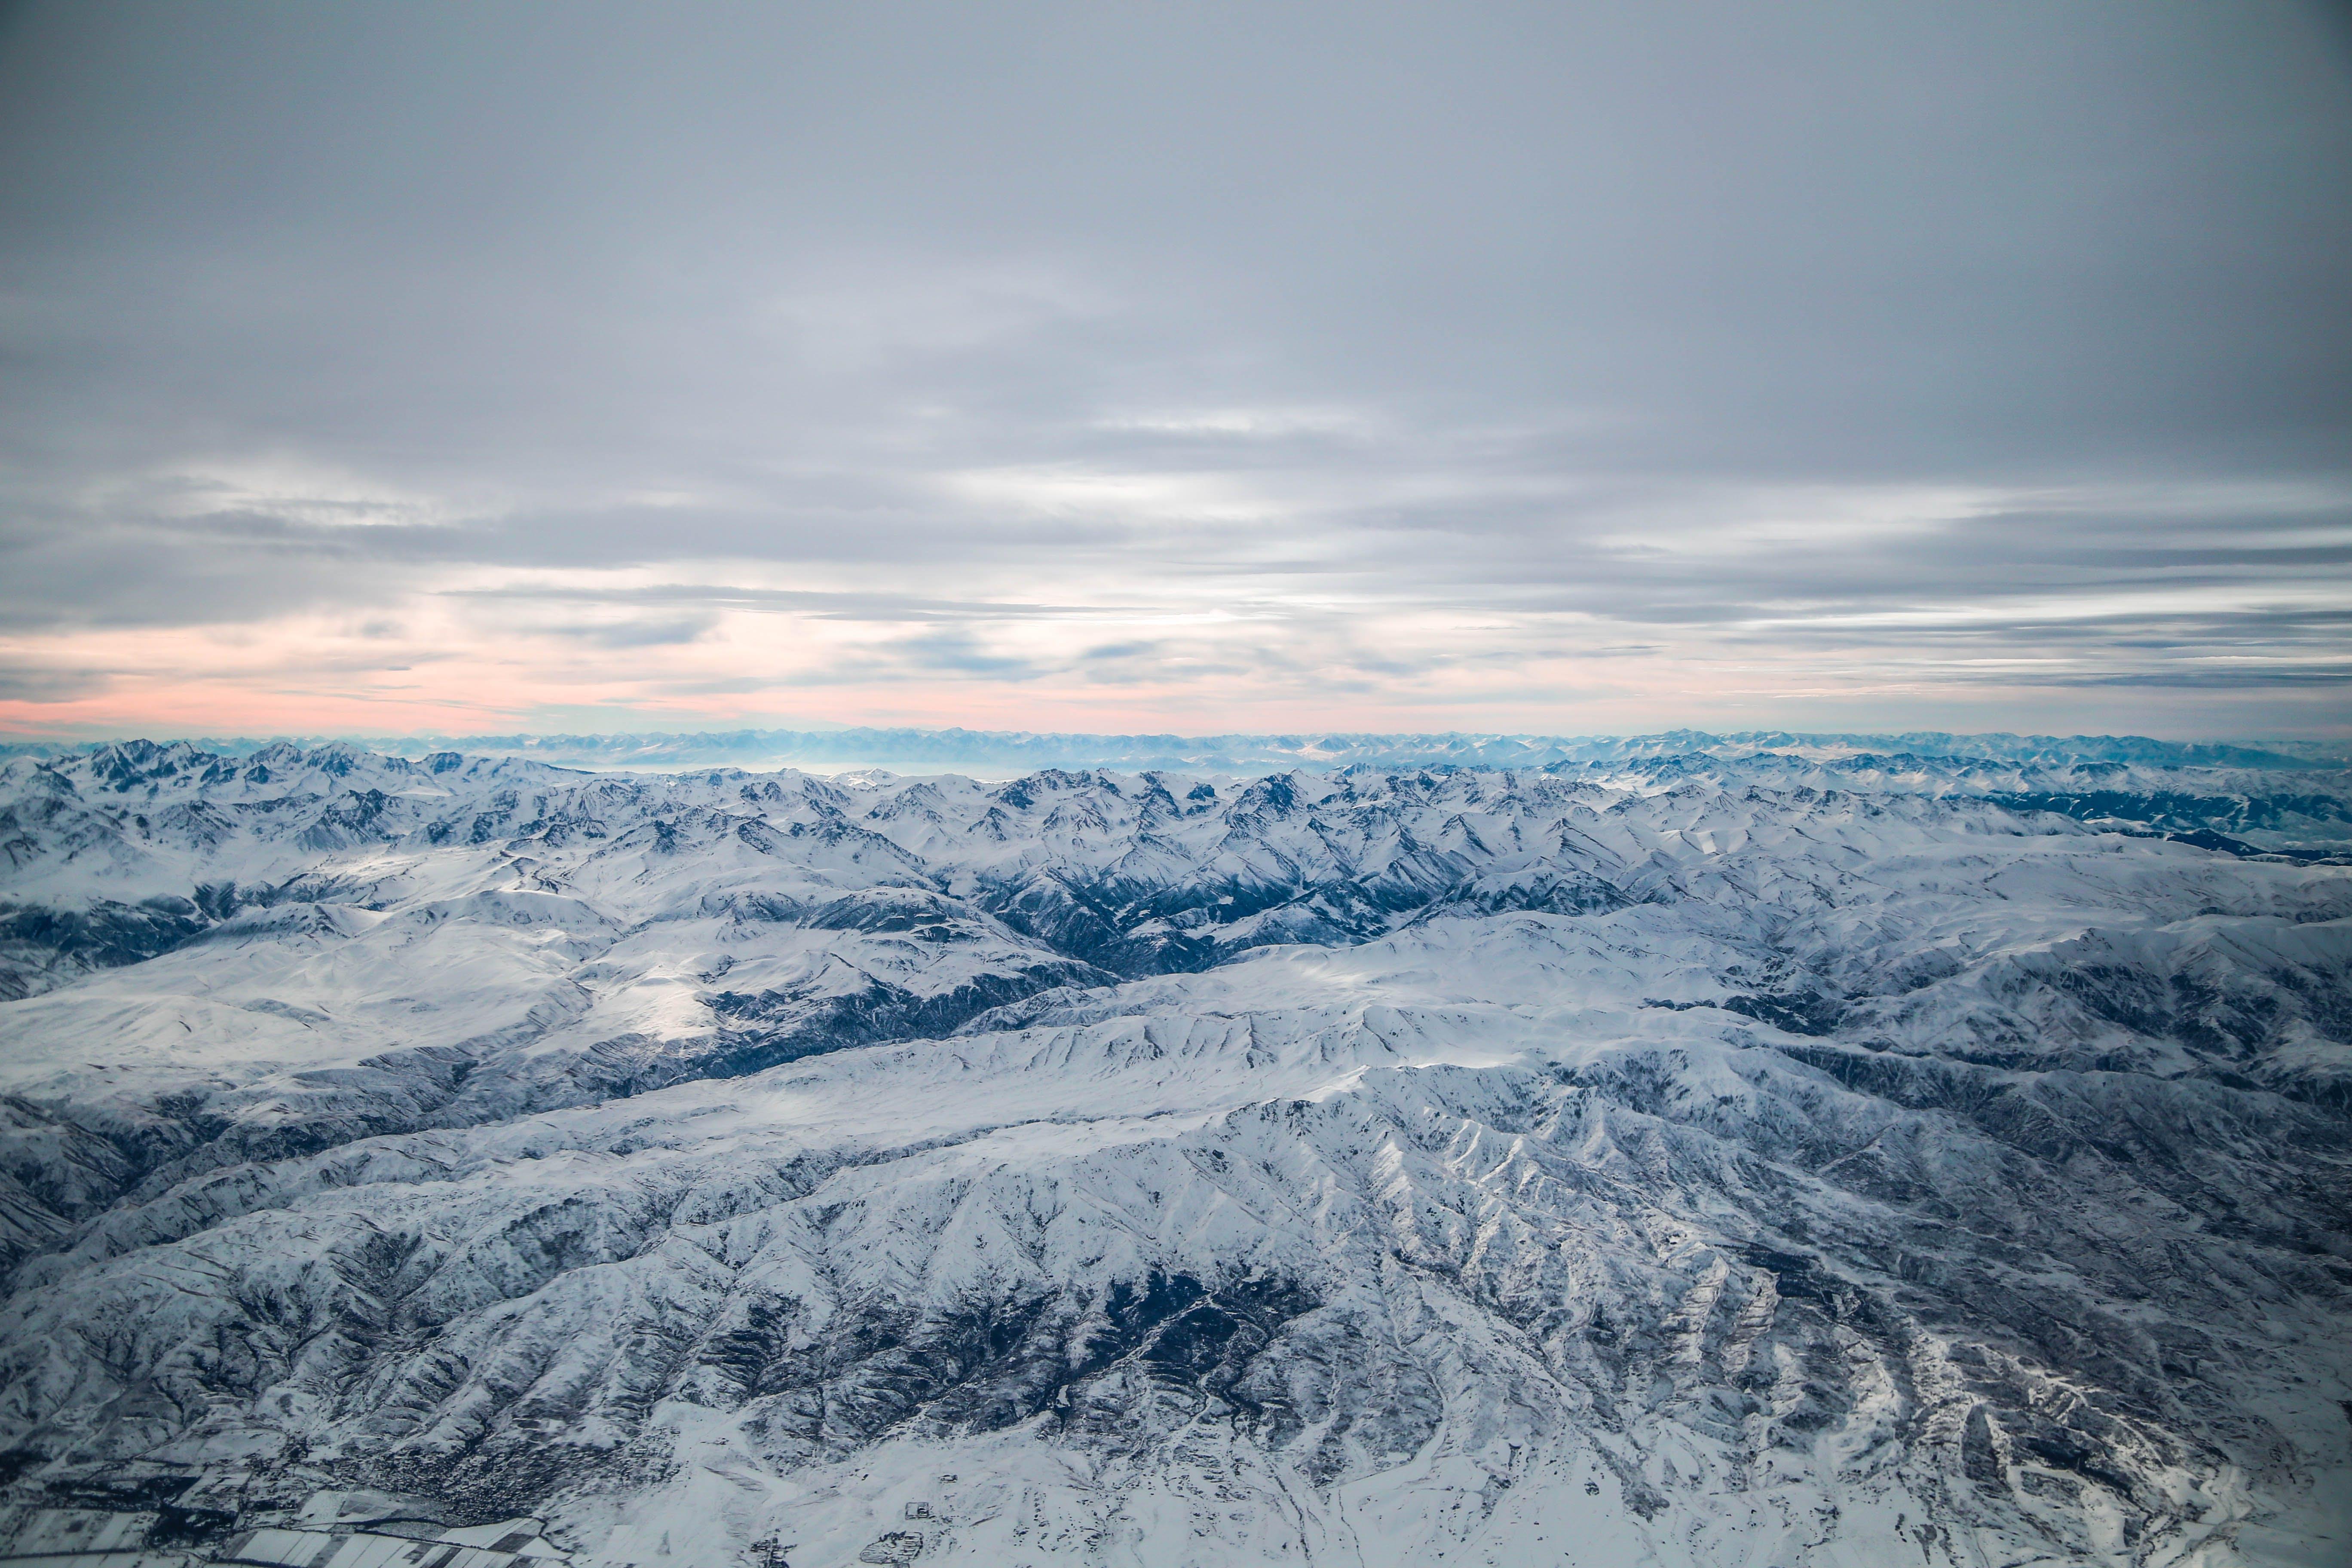 Snowfield over Horizon